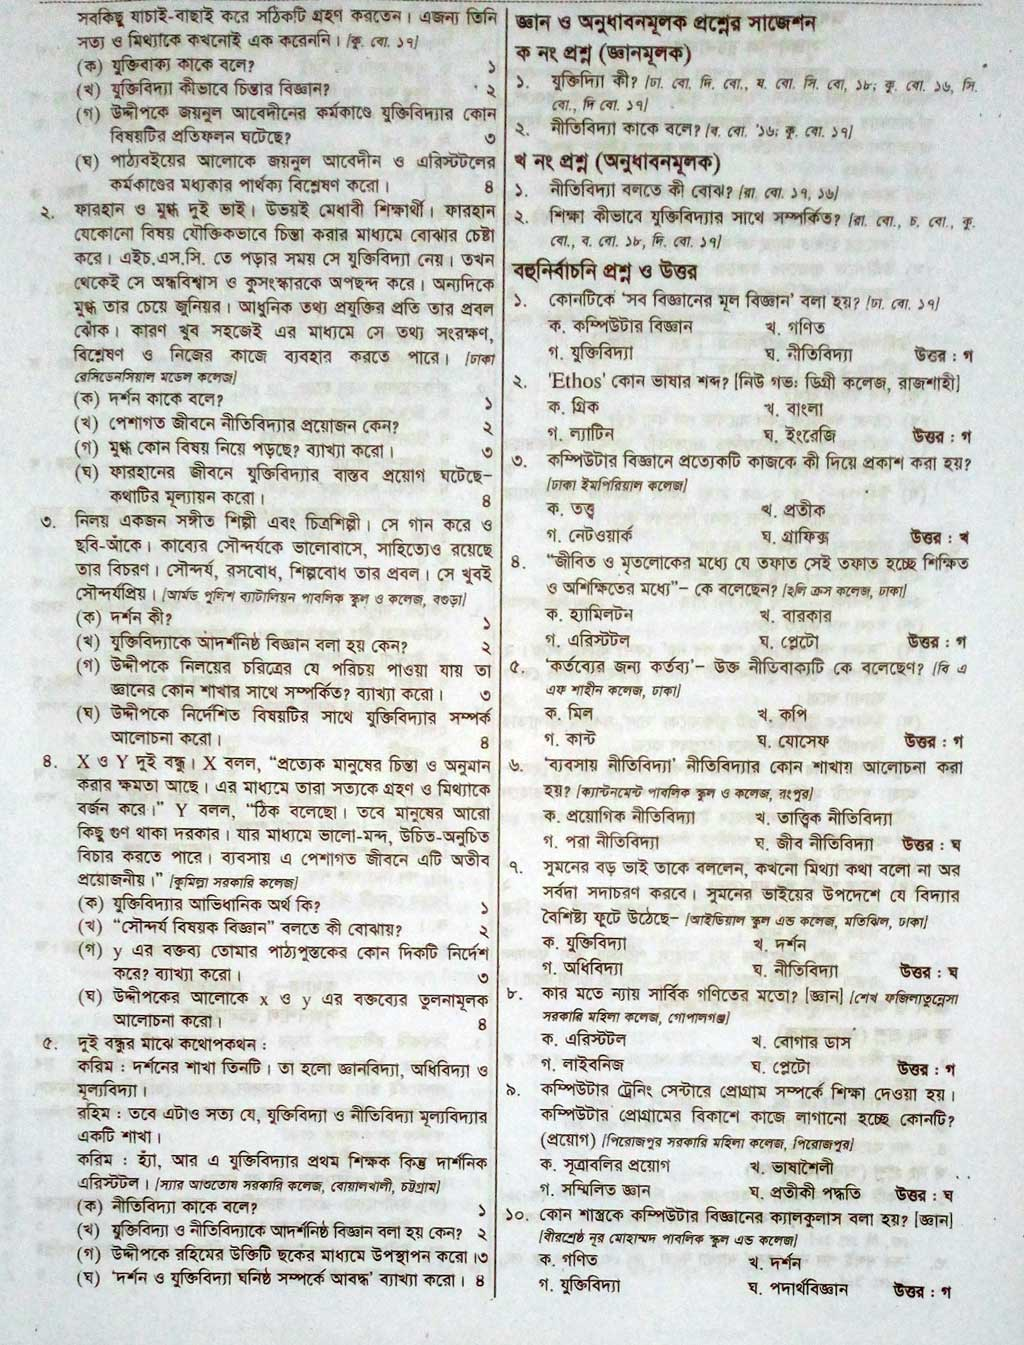 HSC Logic 1st Paper Suggestion & Question